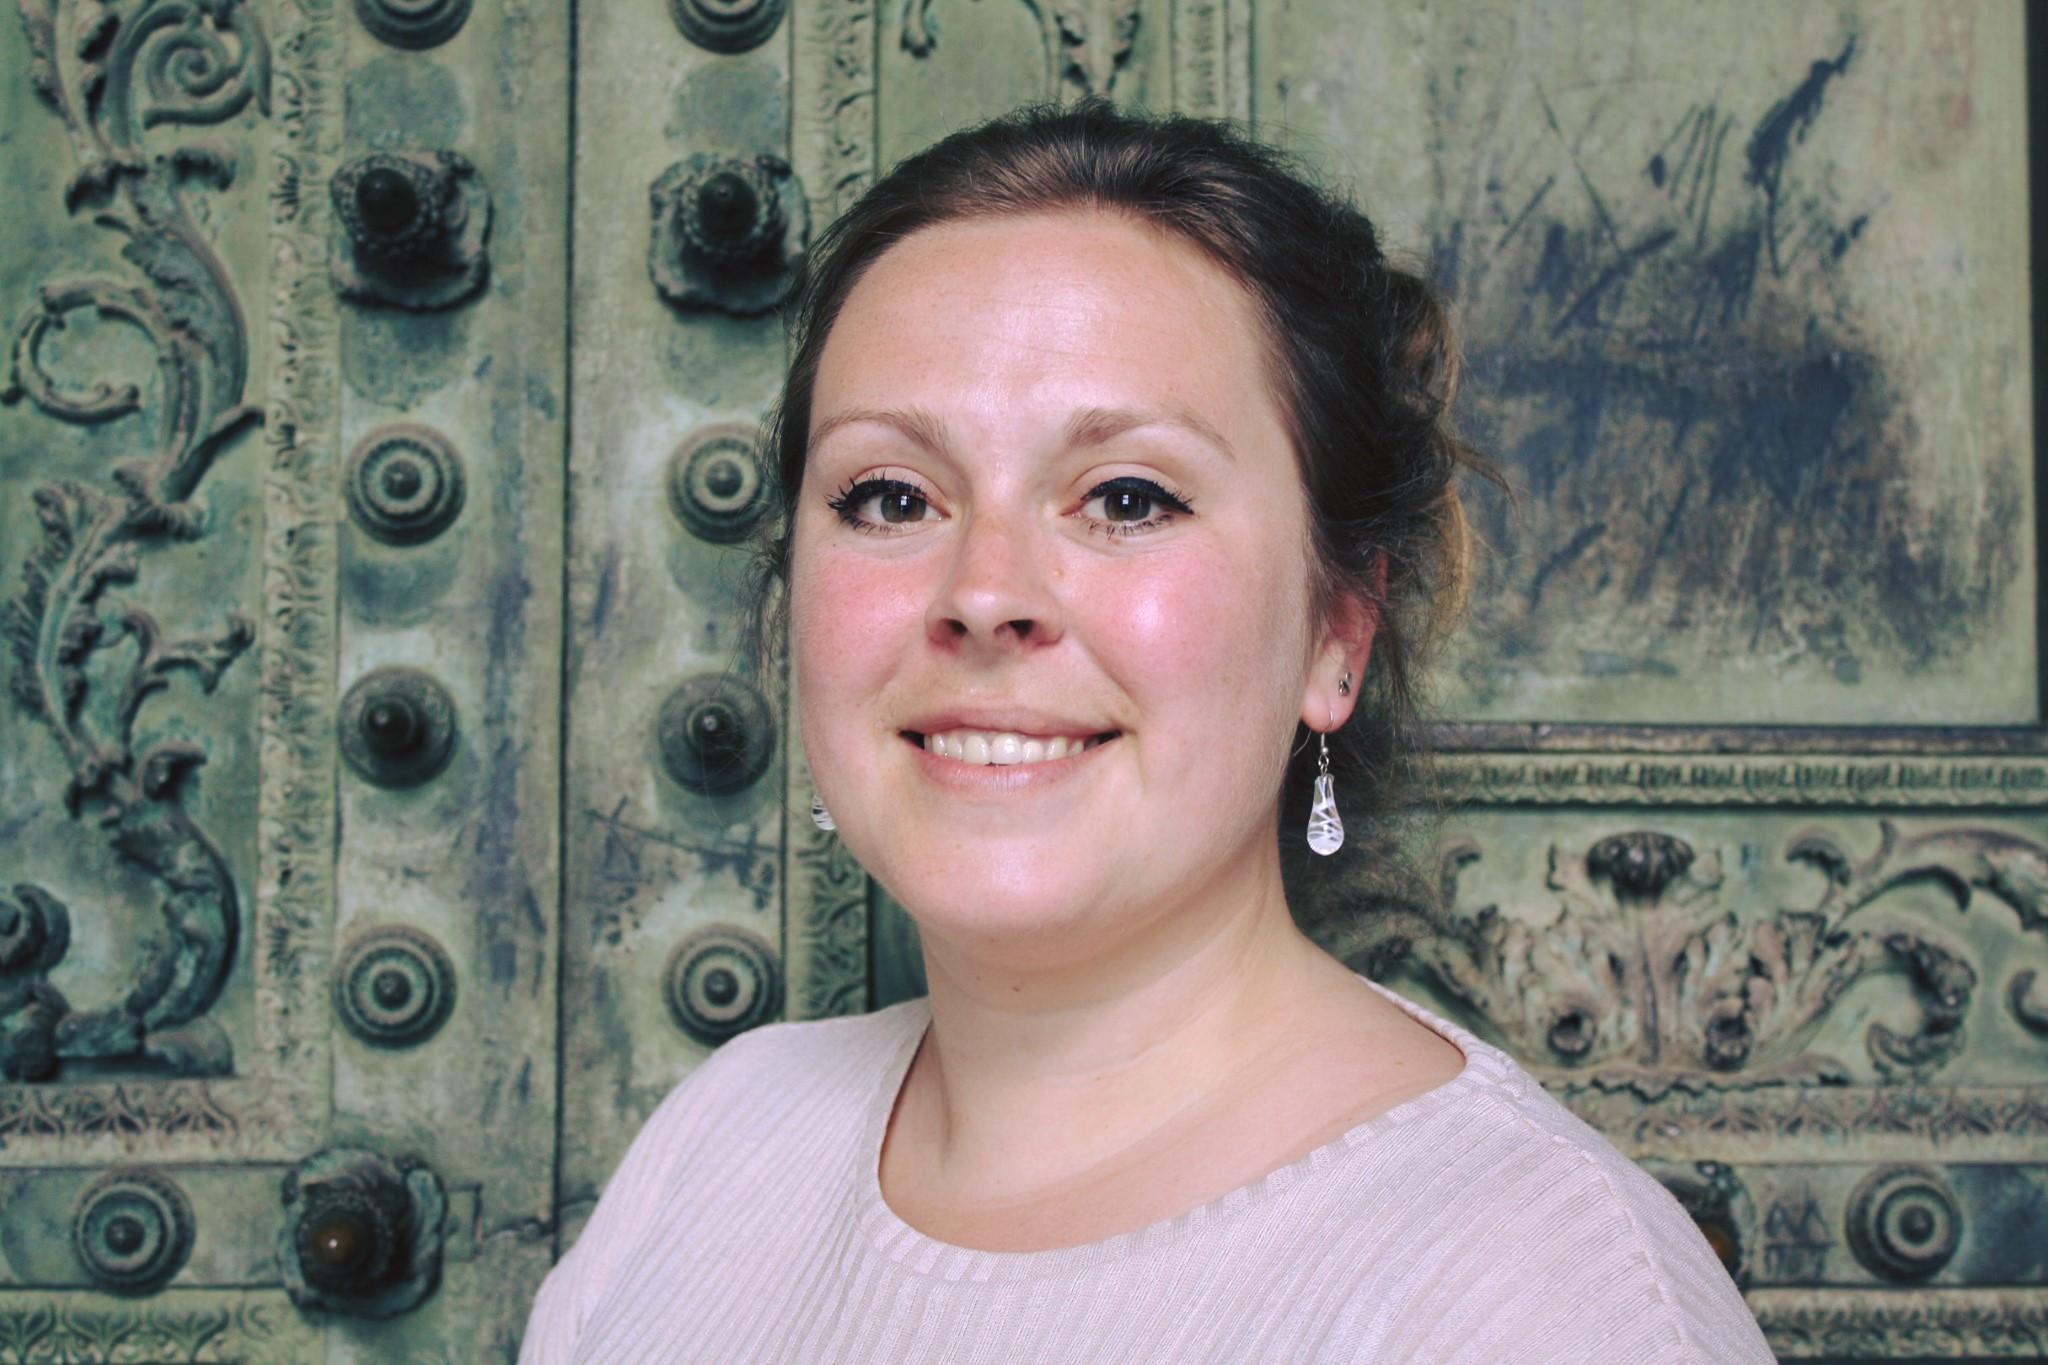 Nikè Sophia Haverkamp - Een creatieve, enthousiaste, ondernemende, jonge professional, gespecialiseerd in de conservering en restauratie van keramiek en glas. Daarnaast heb ik een specifieke interesse in archeologisch glas en moderne kunst en een hart voor onderzoek en educatie.Ik zie het als mijn missie om zorg te dragen voor cultureel erfgoed zodat dit behouden wordt voor toekomstige generaties.